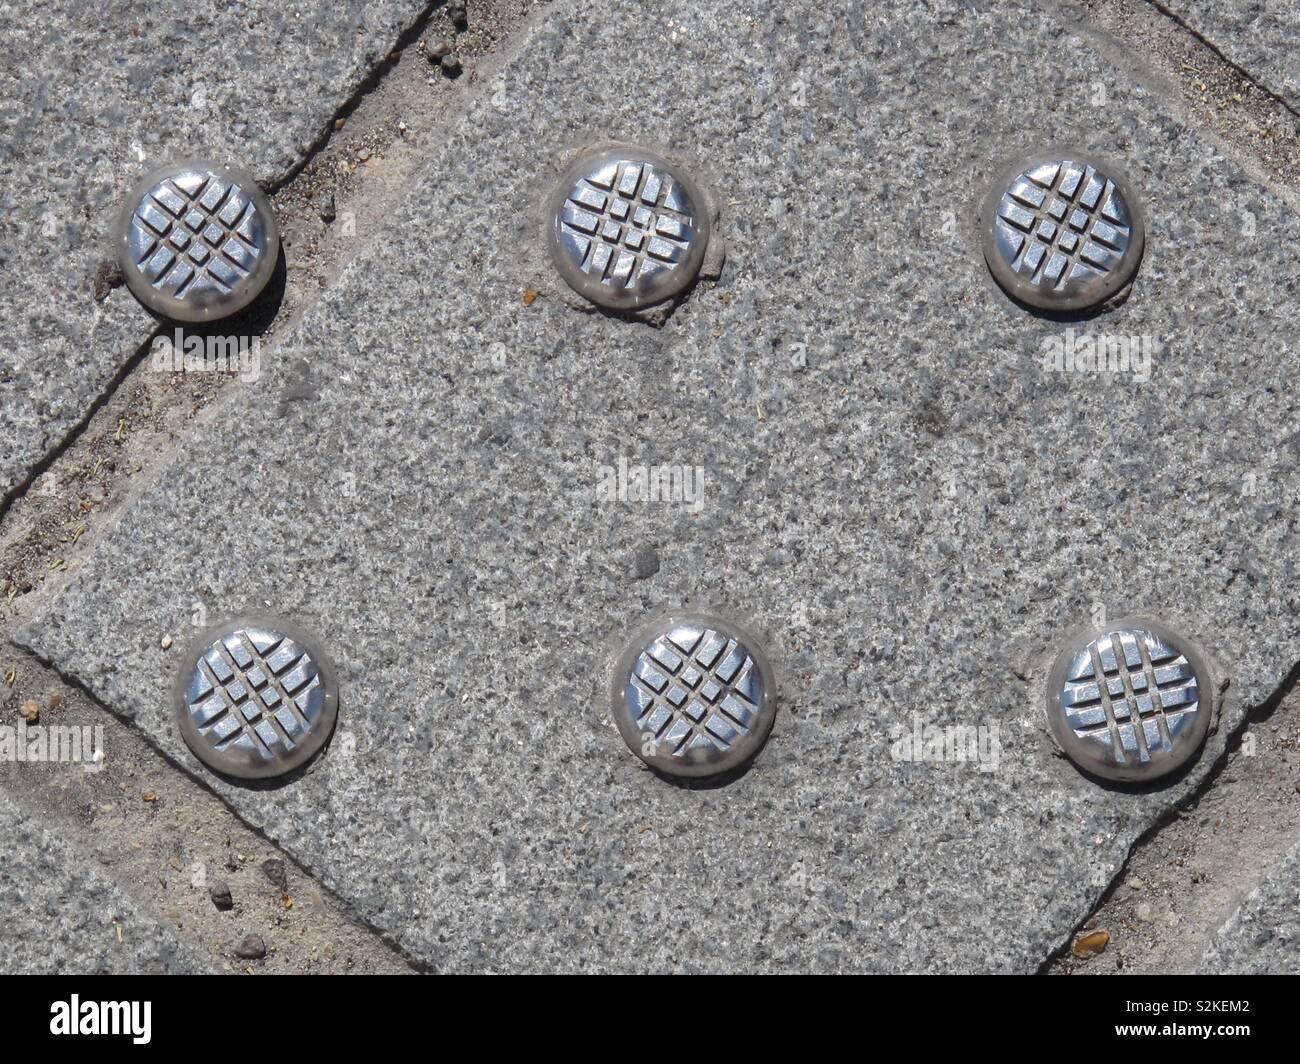 London pavements - Stock Image